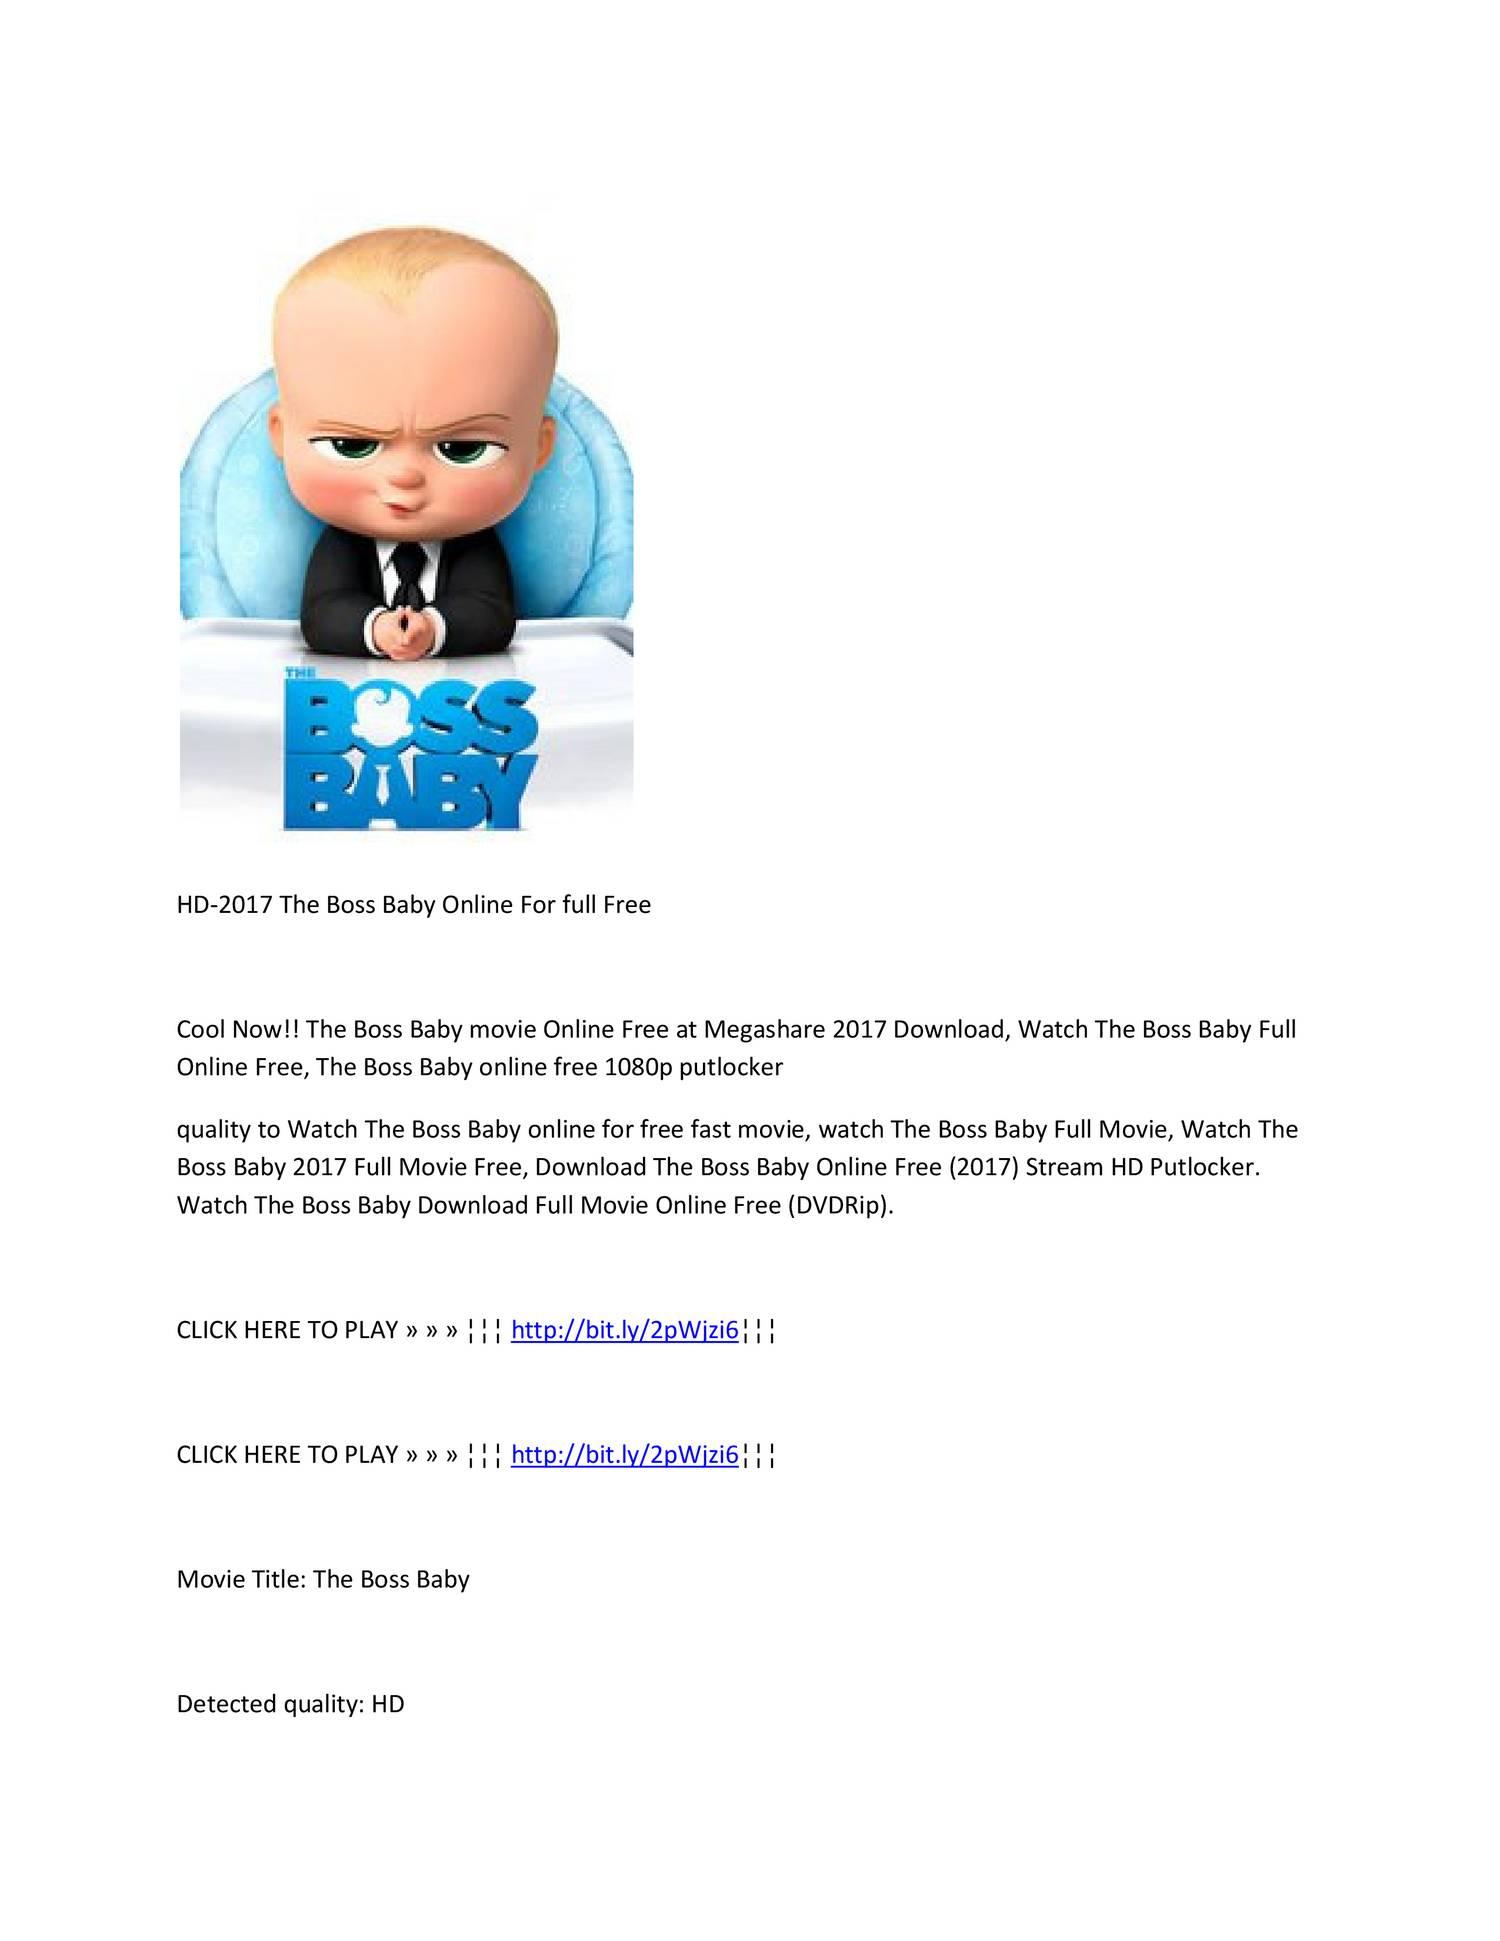 boss baby full movie online